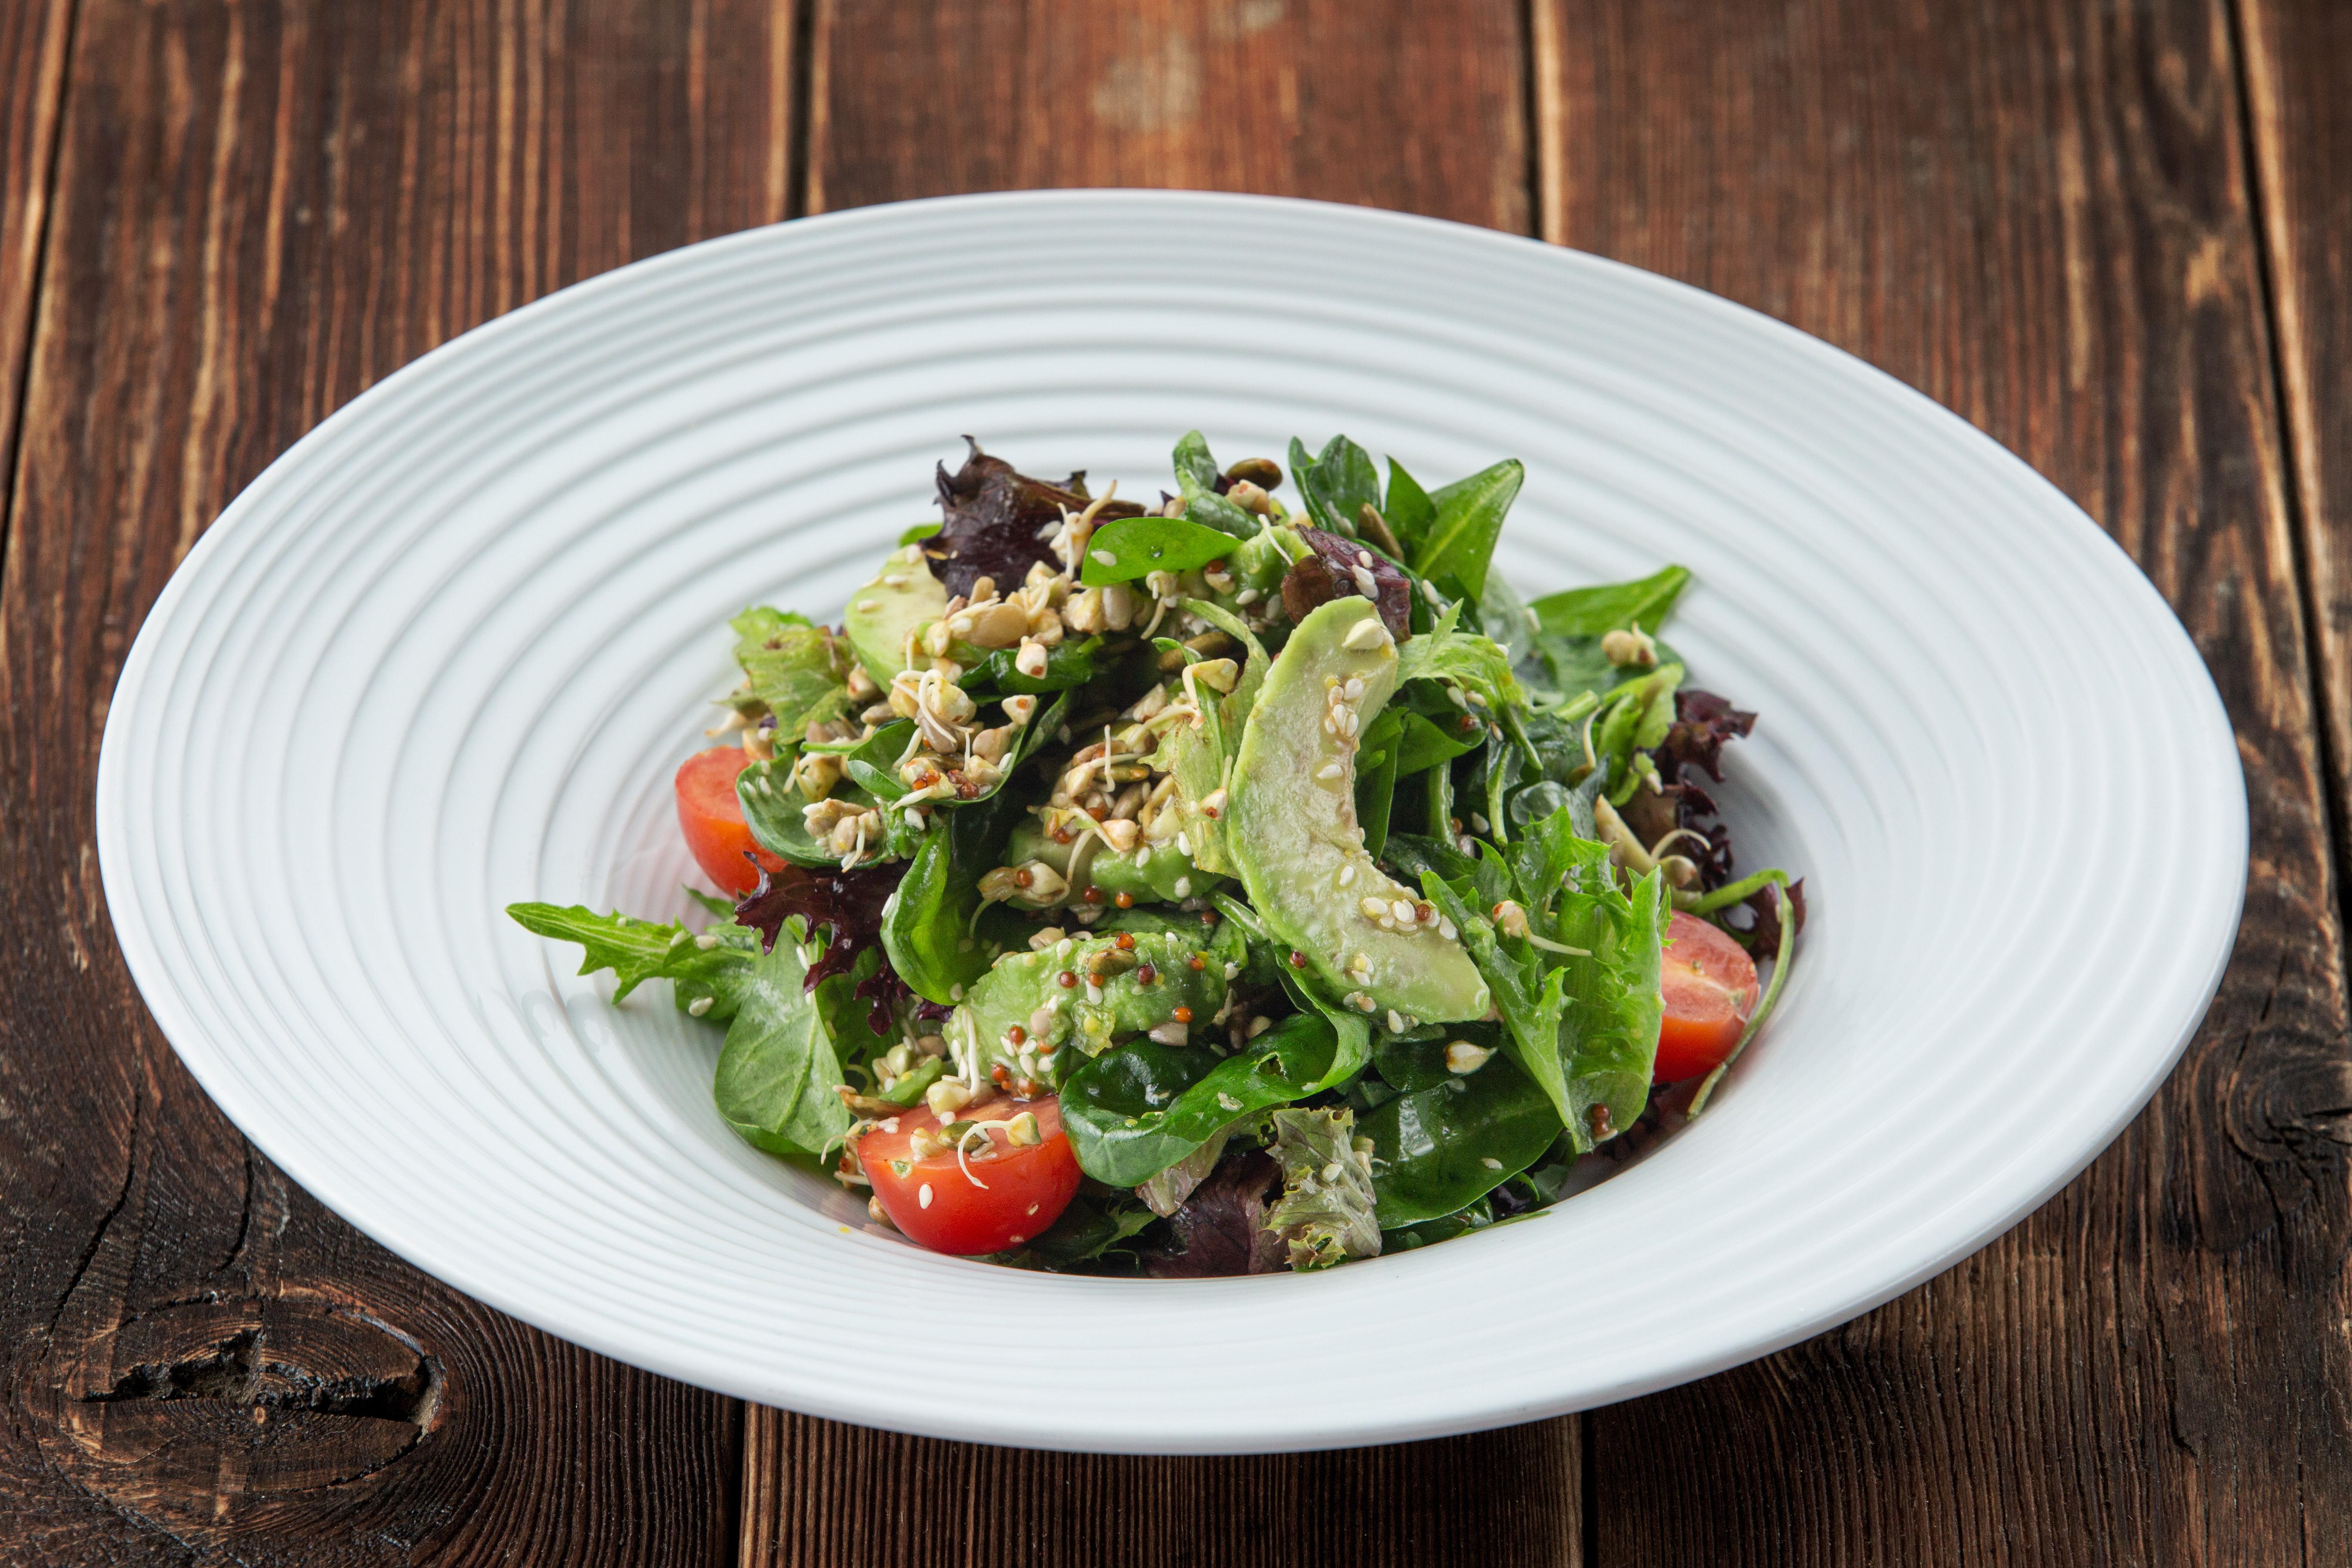 Зеленый салат со шпинатом, авокадо, ростками зеленой гречи и семечками